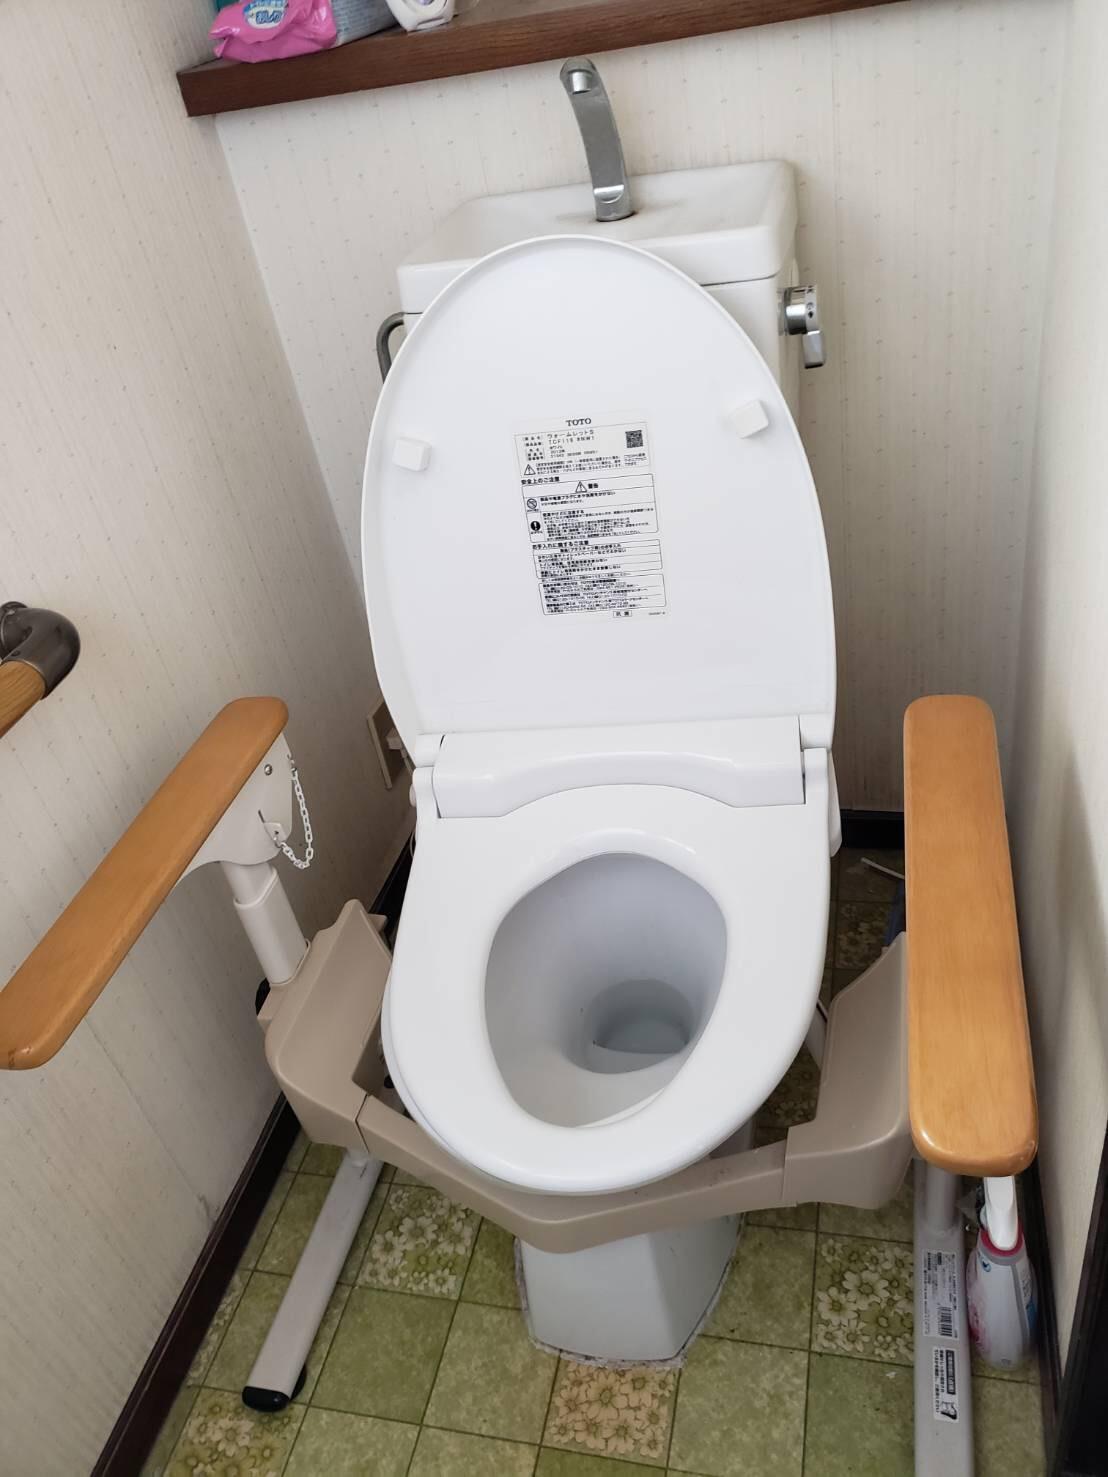 ギャラリーパティオのトイレ バリアフリーリフォームの施工前の写真1